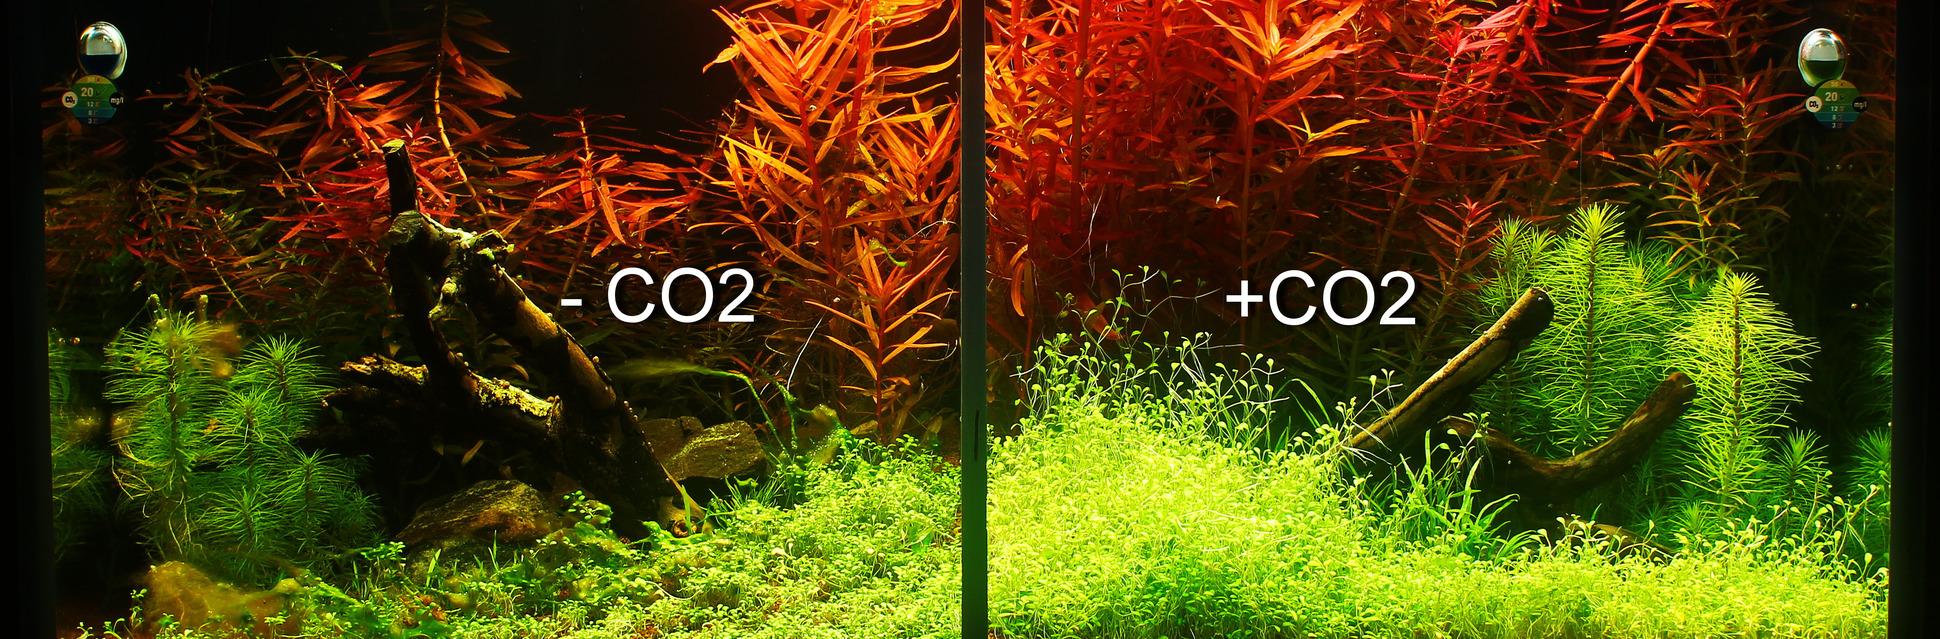 pflanzenaquarium mit und ohne co2 im zeitraffer. Black Bedroom Furniture Sets. Home Design Ideas